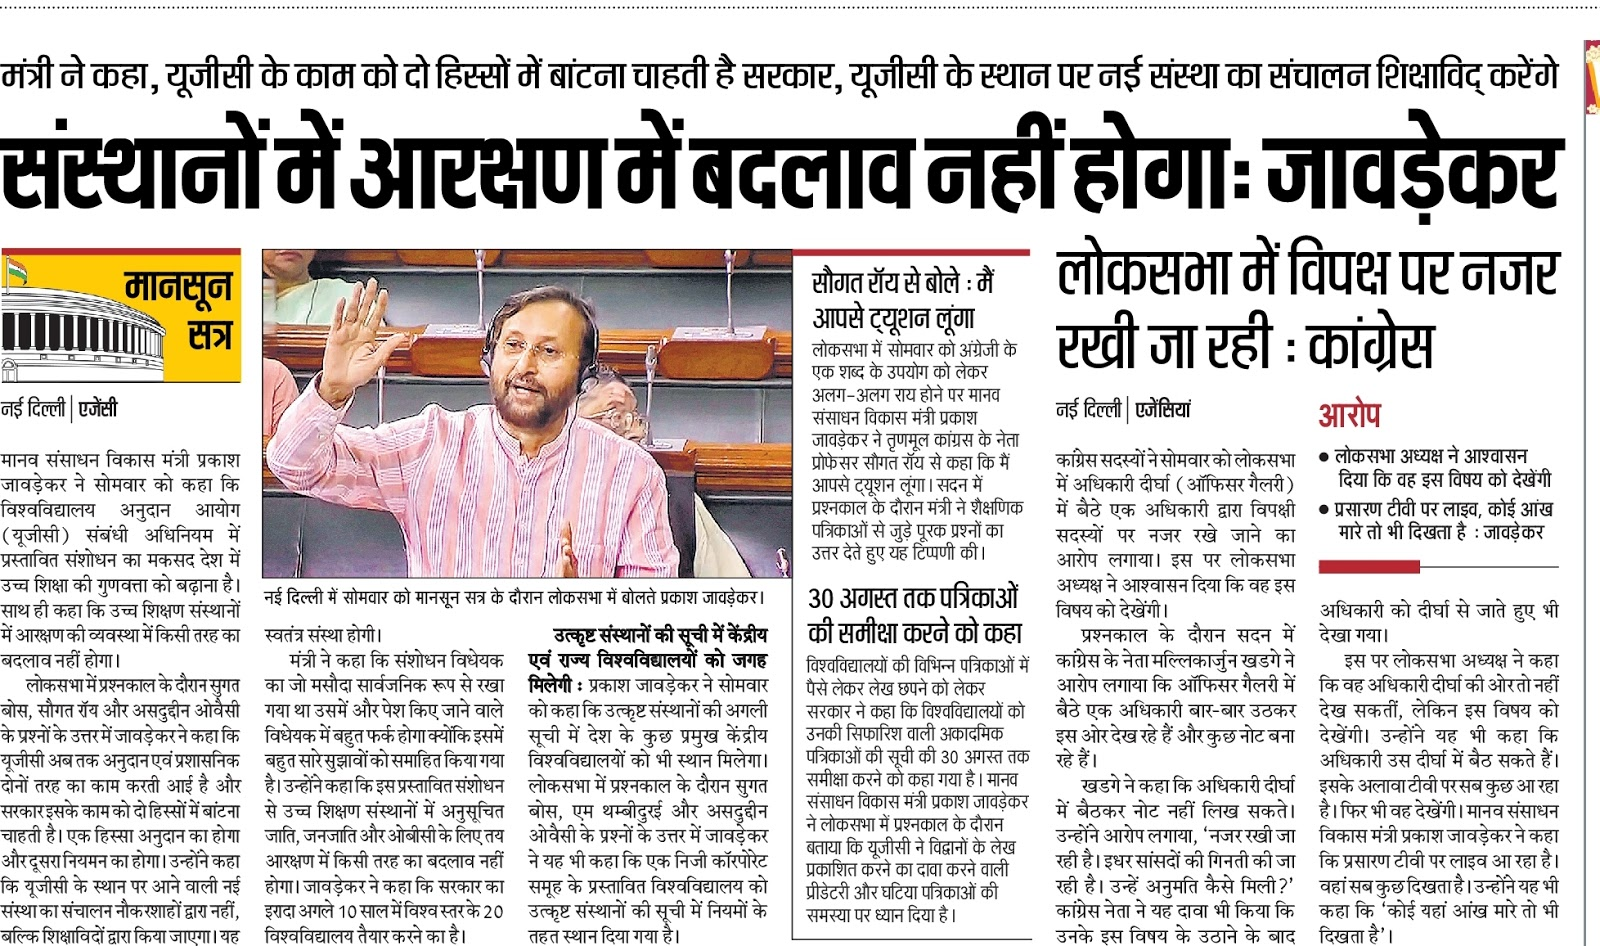 sansthanon me aarkshan me badlav nahi hoga: javedkar